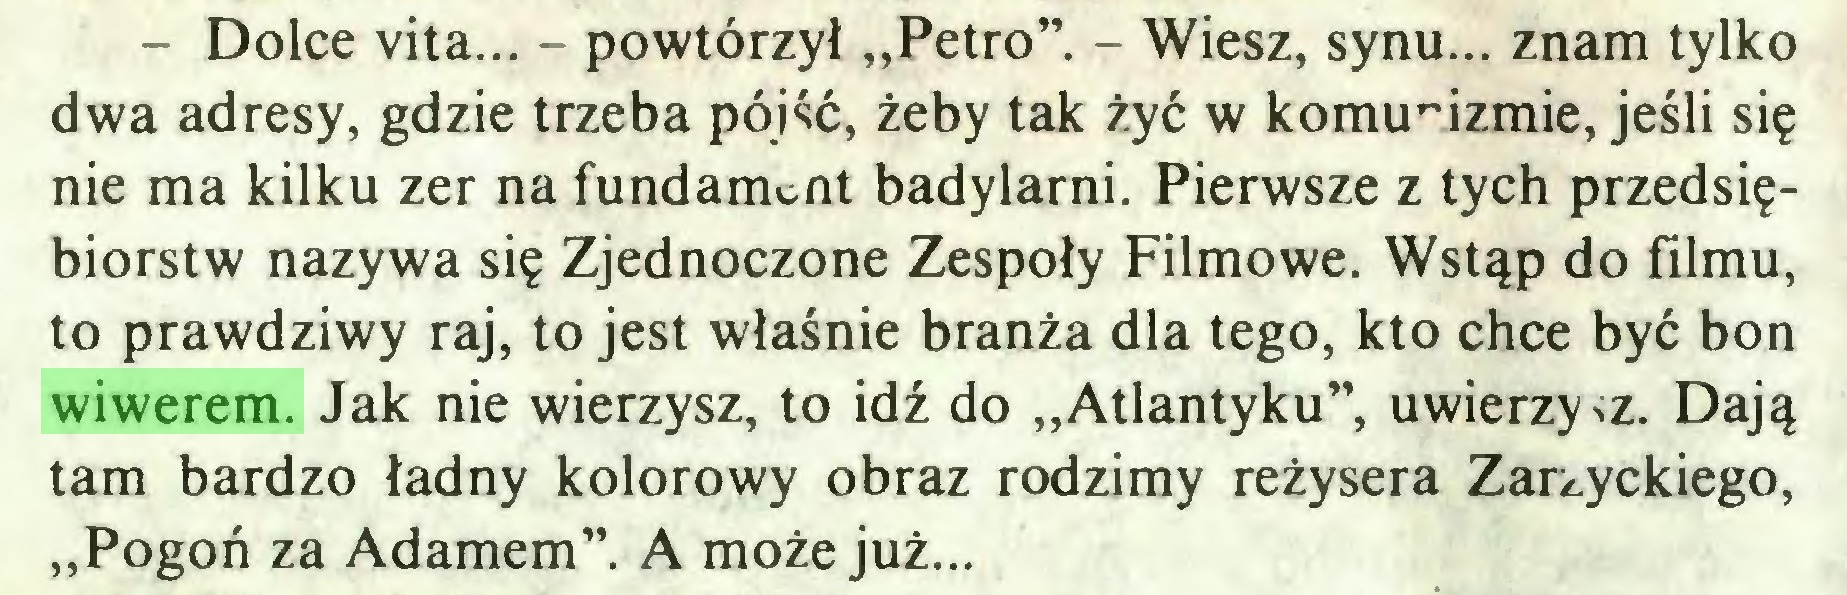 """(...) - Dolce vita... - powtórzył """"Petro"""". - Wiesz, synu... znam tylko dwa adresy, gdzie trzeba pójść, żeby tak żyć w komunizmie, jeśli się nie ma kilku zer na fundament badylami. Pierwsze z tych przedsiębiorstw nazywa się Zjednoczone Zespoły Filmowe. Wstąp do filmu, to prawdziwy raj, to jest właśnie branża dla tego, kto chce być bon wiwerem. Jak nie wierzysz, to idź do """"Atlantyku"""", uwierzysz. Dają tam bardzo ładny kolorowy obraz rodzimy reżysera Zarzyckiego, """"Pogoń za Adamem"""". A może już..."""